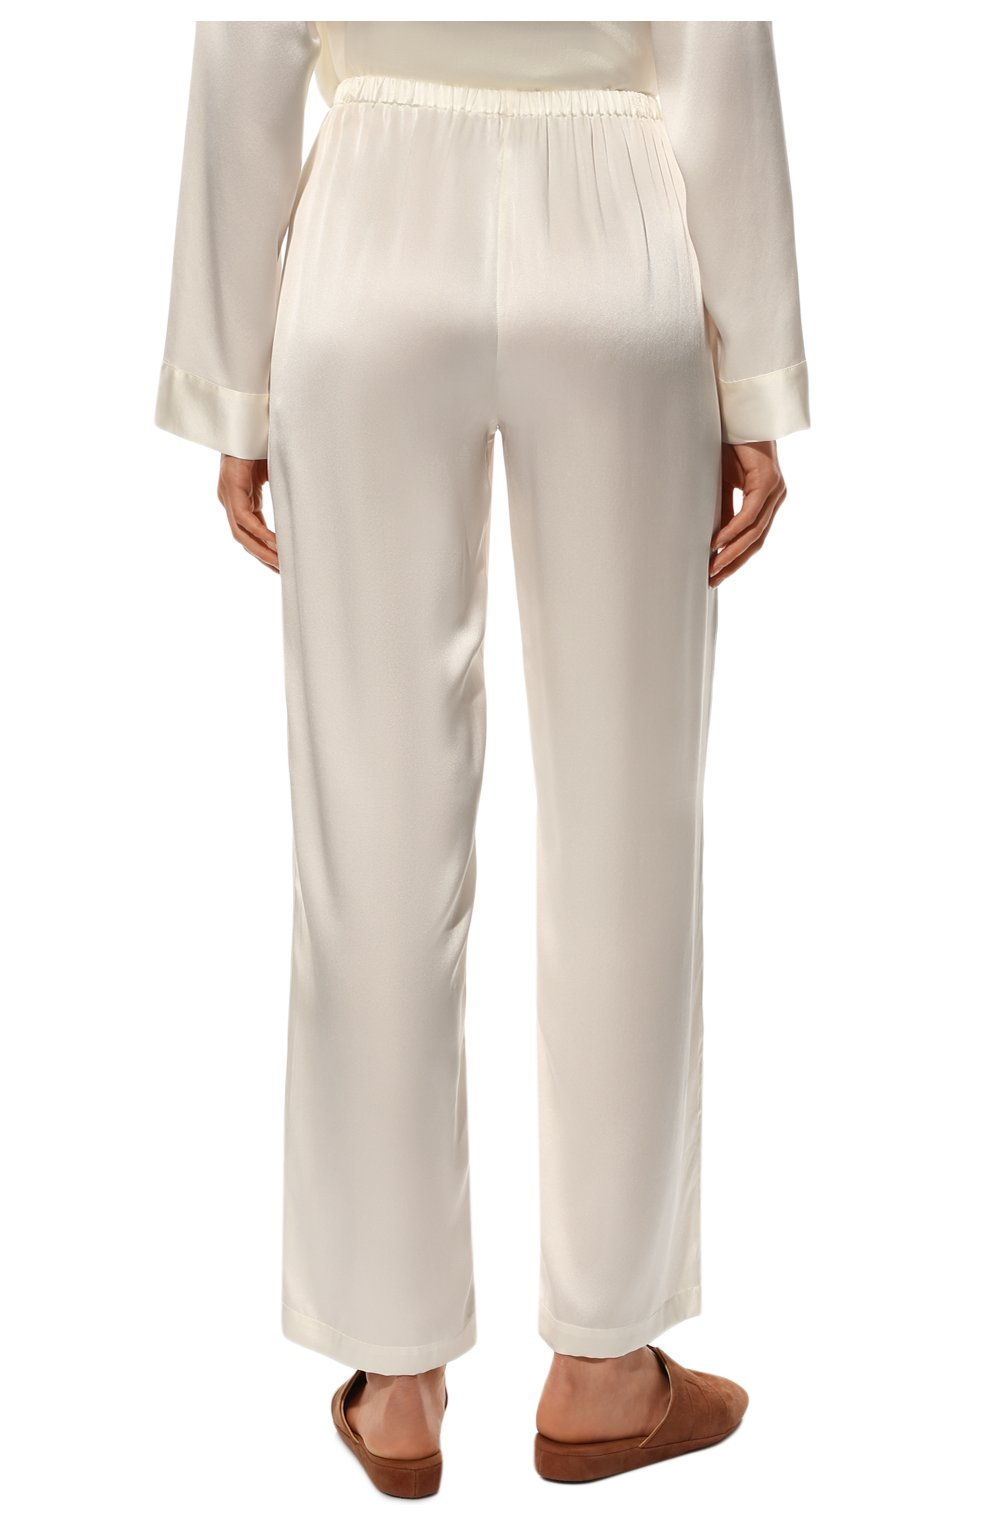 Женская шелковая пижама LUNA DI SETA белого цвета, арт. VLST08007 | Фото 6 (Материал внешний: Шелк; Рукава: Длинные; Длина Ж (юбки, платья, шорты): Мини; Длина (брюки, джинсы): Стандартные; Длина (для топов): Стандартные)